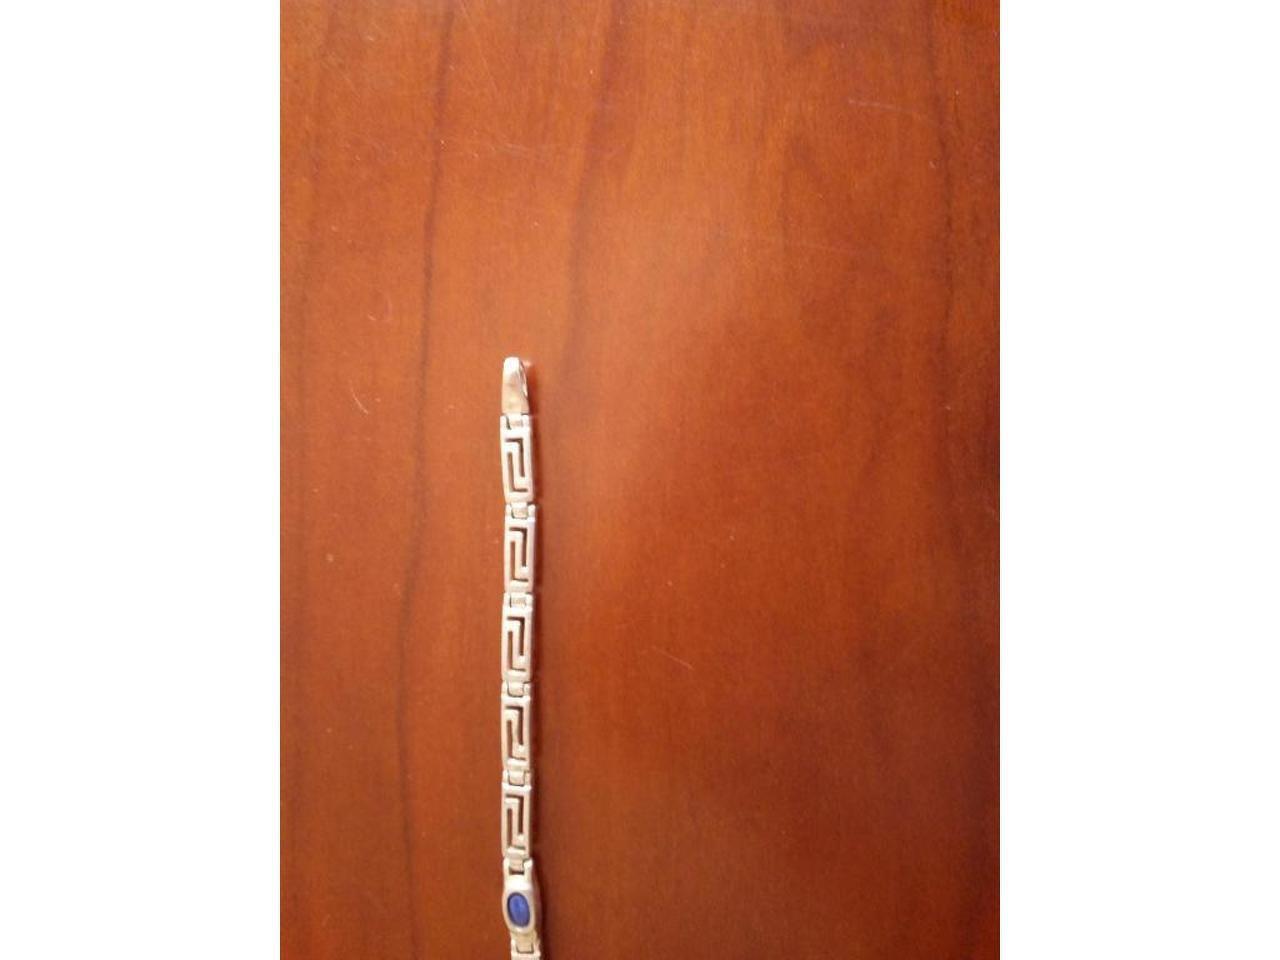 Pulseira e anel ajustável, em prata de lei. Unisexo. - 3/8